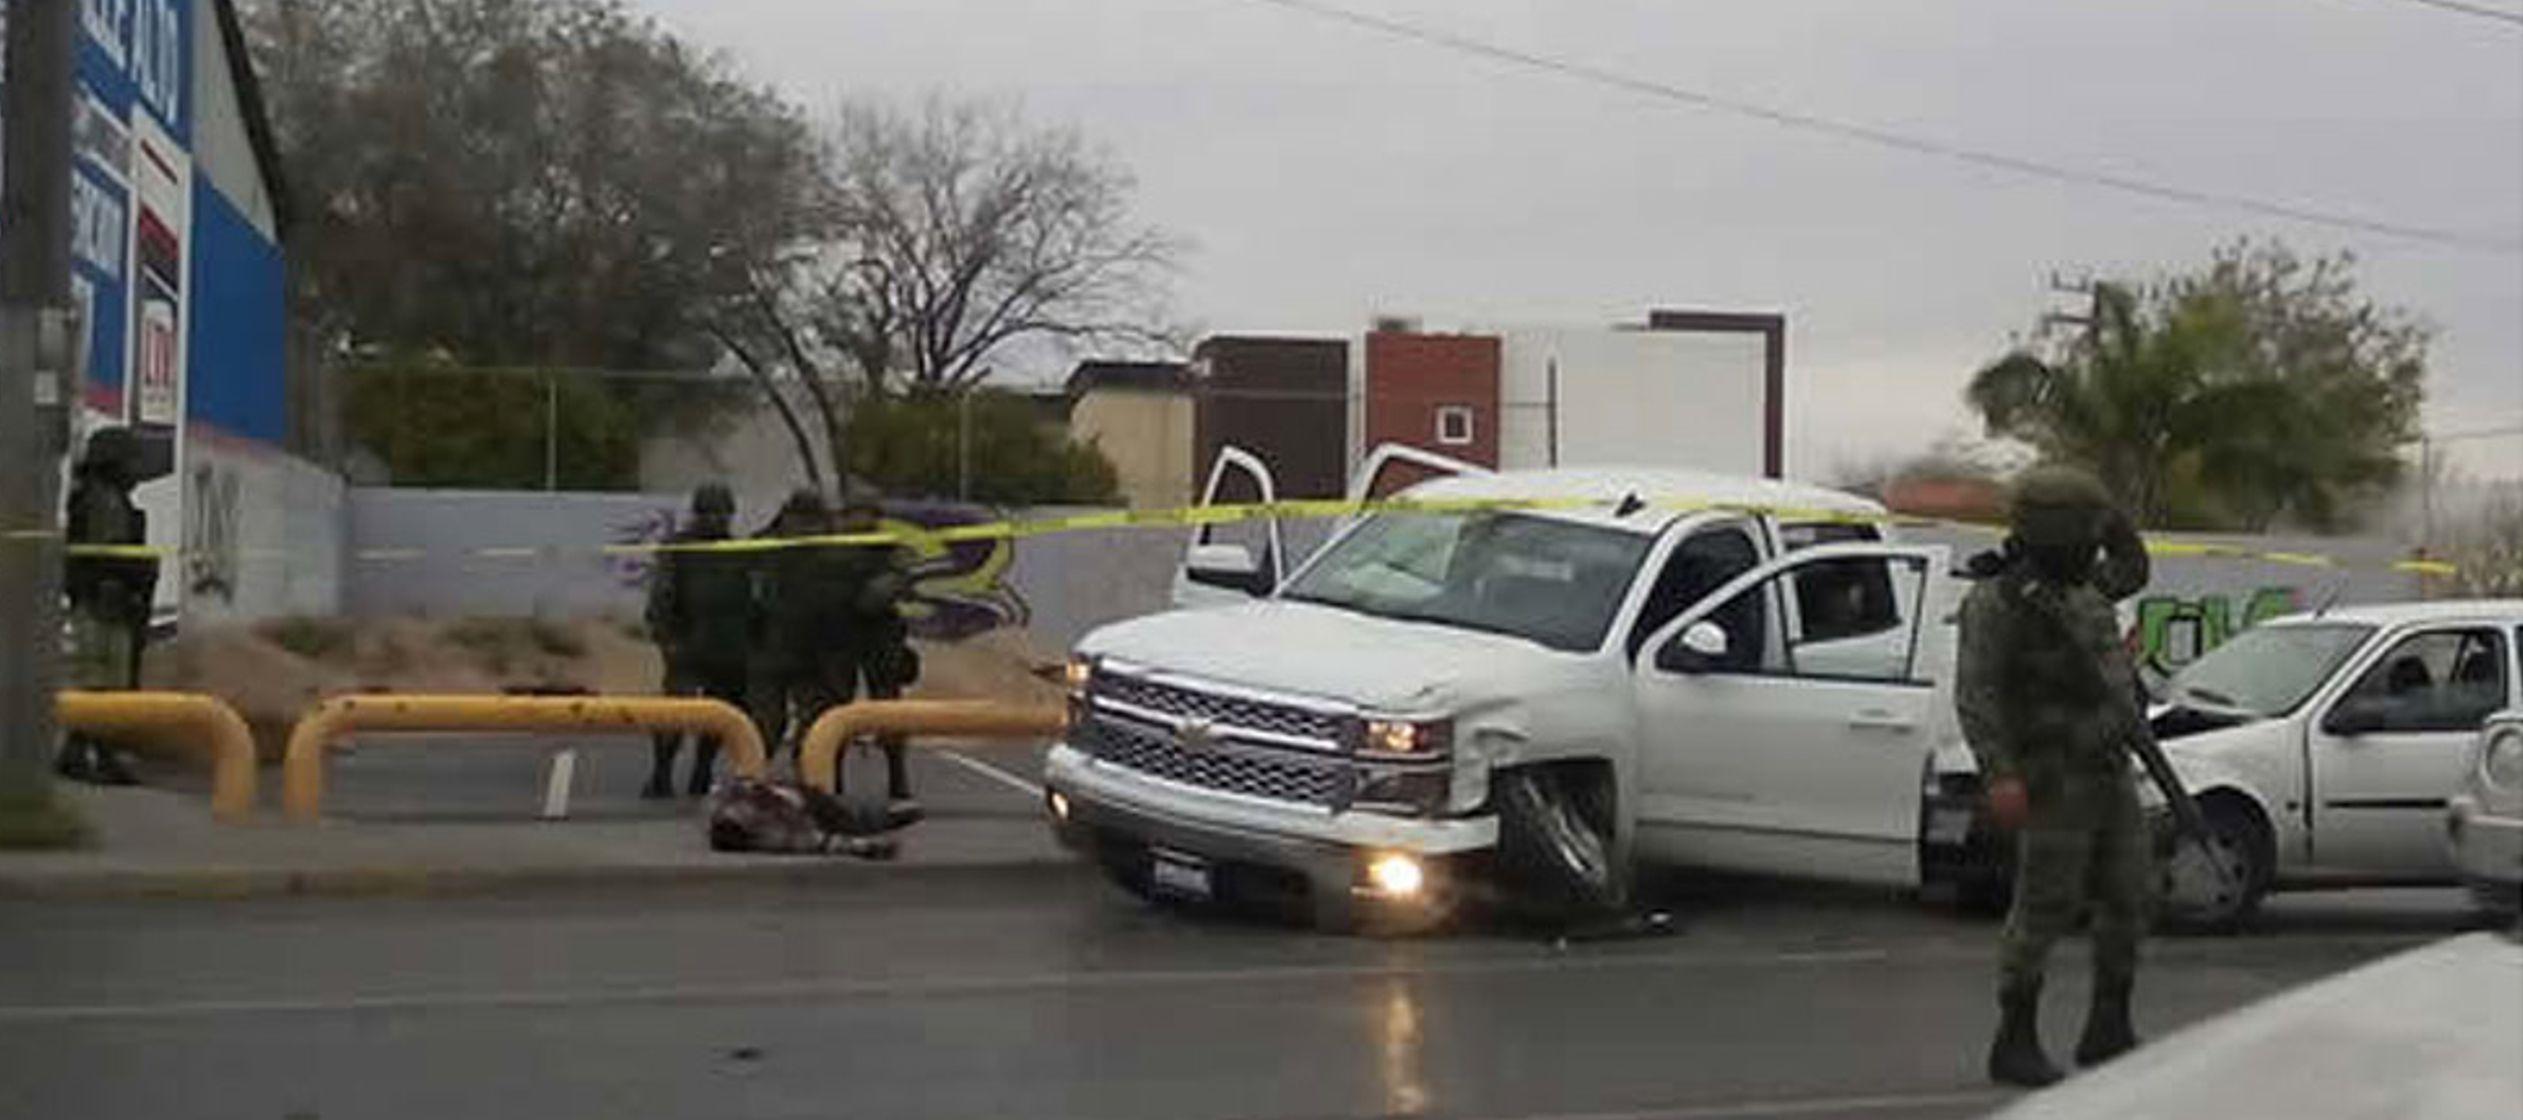 El enfrentamiento tuvo lugar en una zona despoblada a las afueras de Reynosa entre grupos...